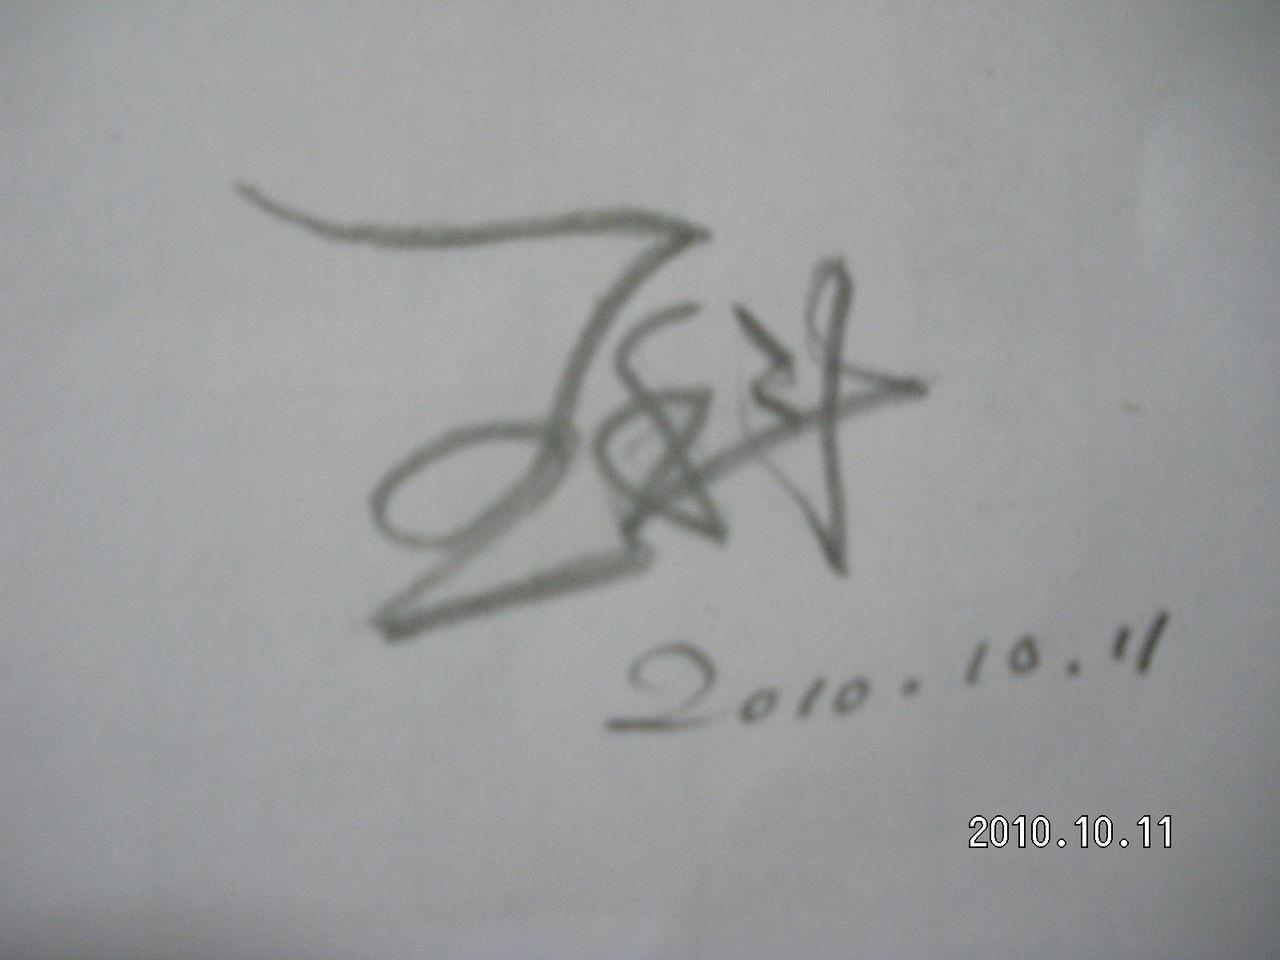 王字怎么写好看图解_张字怎么写好看图解,李字怎么 ...